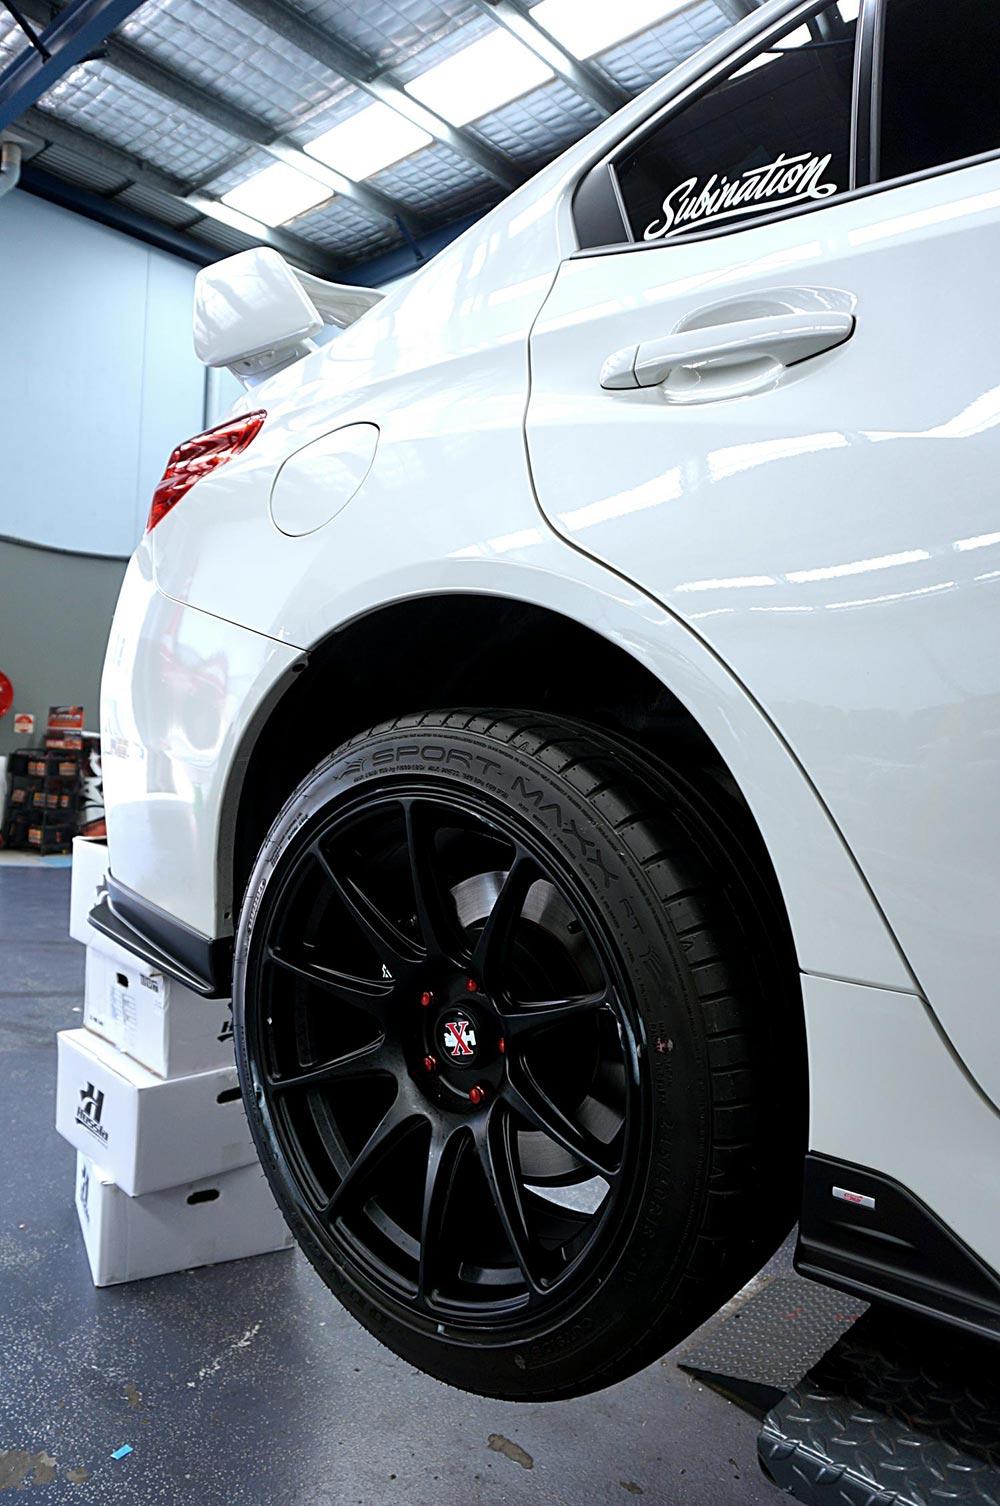 Hussla 027 rear fitment